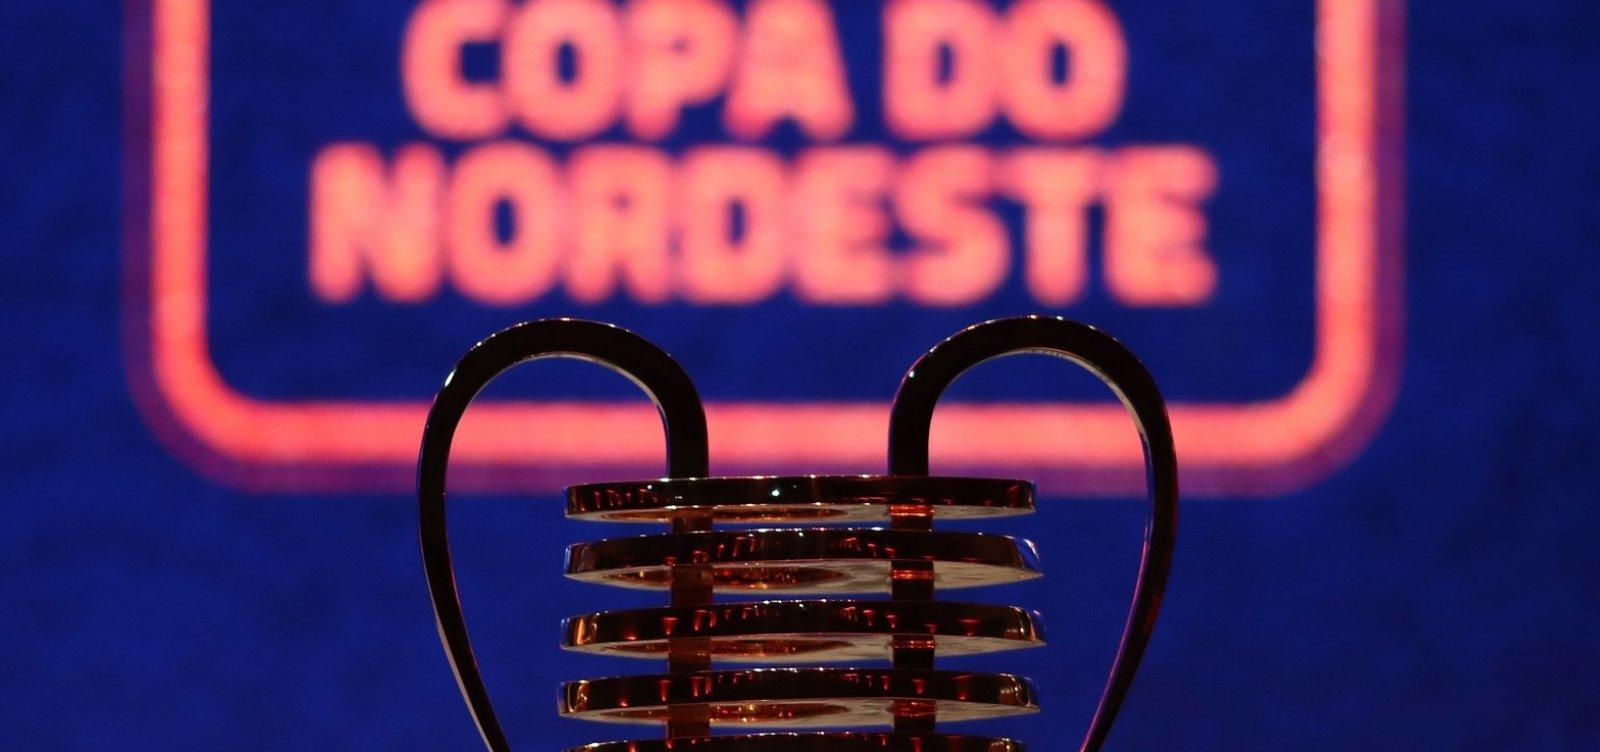 Liga do Nordeste negocia com Globo por transmissões no Sportv e pay-per-view